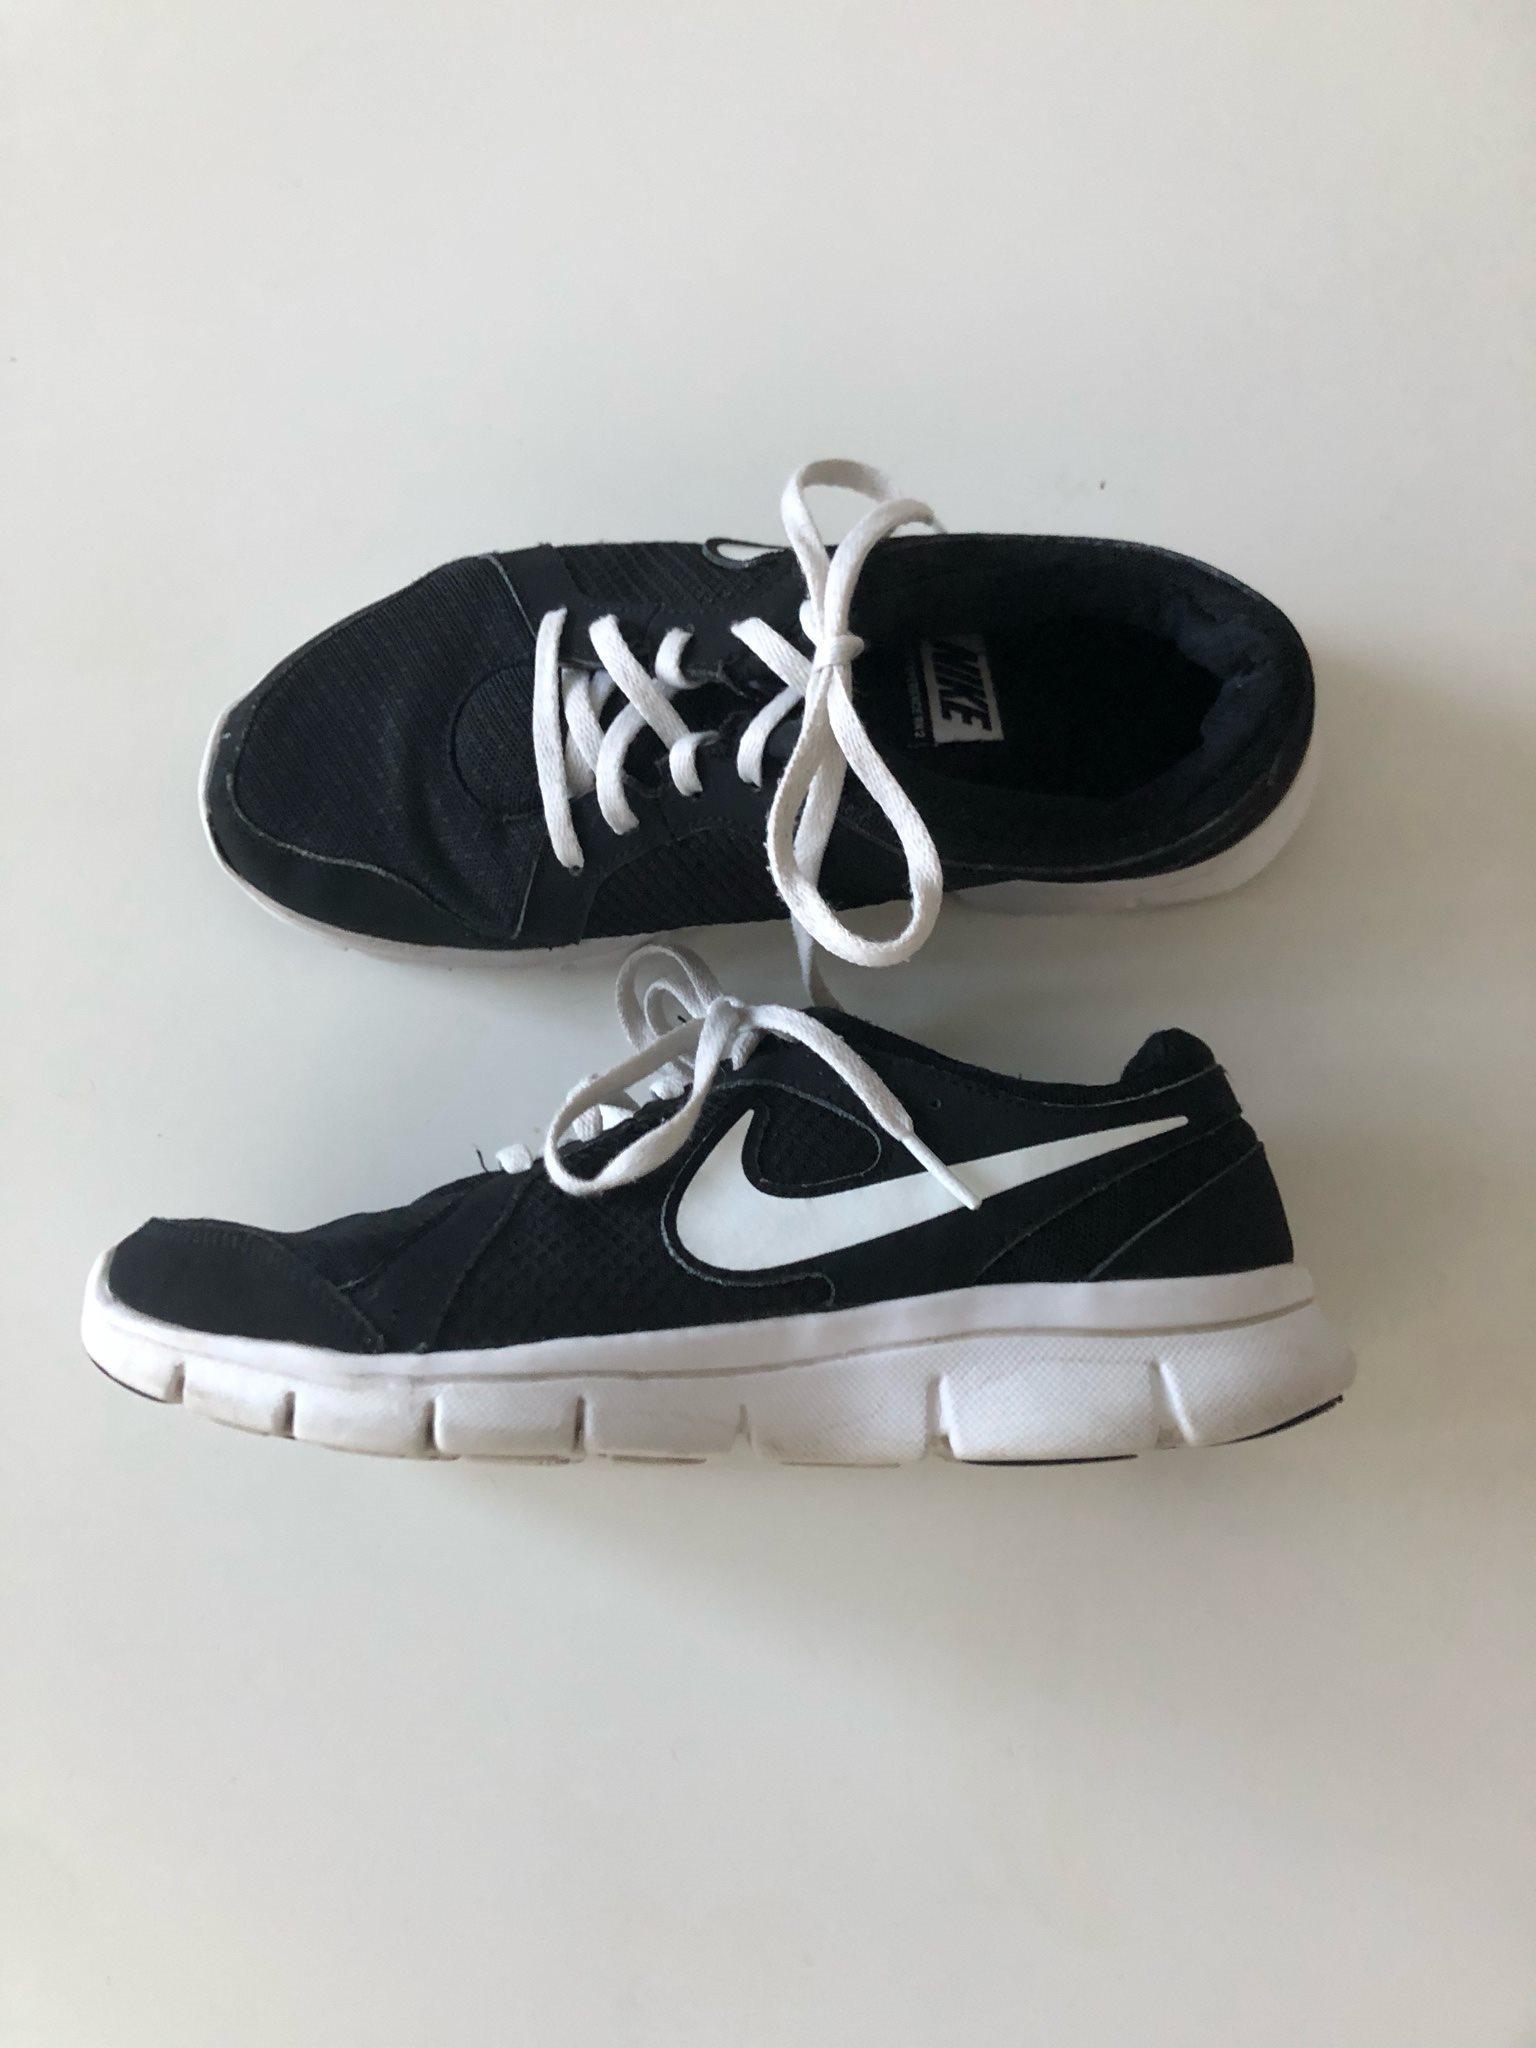 save off c53a0 716ae Skor Nike storlek 38 svarta vita sneakers gympaskor